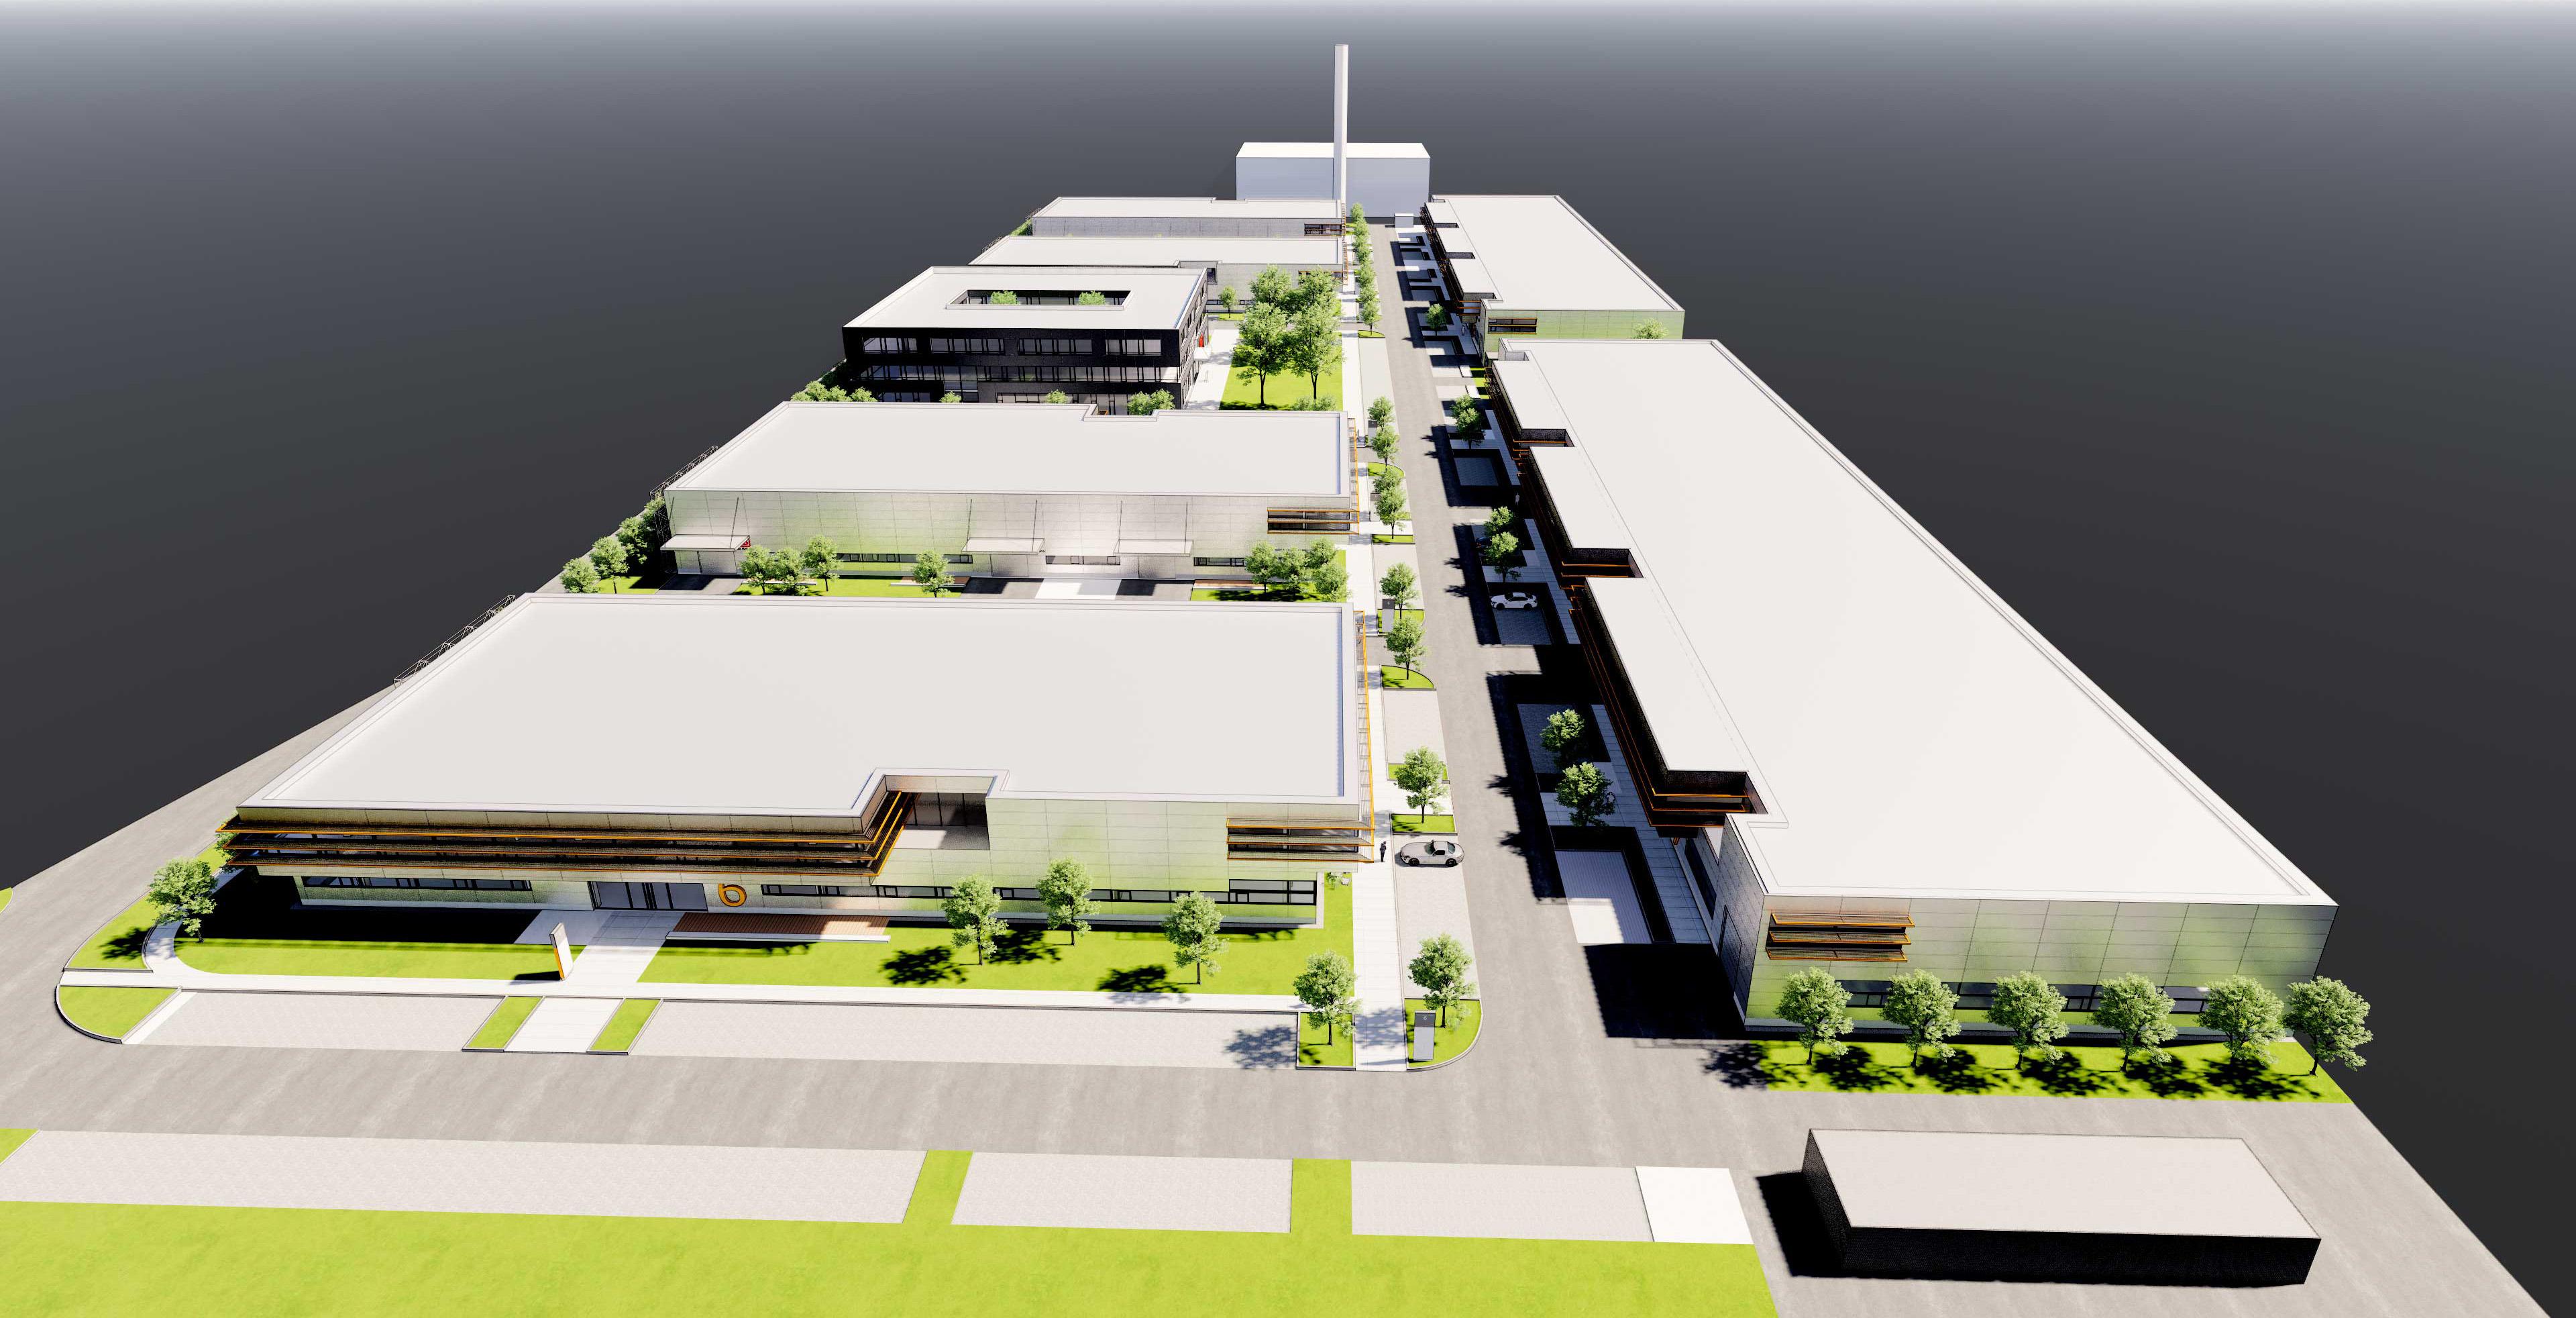 Bauantrag Aurelis Real Estate Unternehmerpark - Neubau von 7 Gebäuden für gewerbliche Nutzung